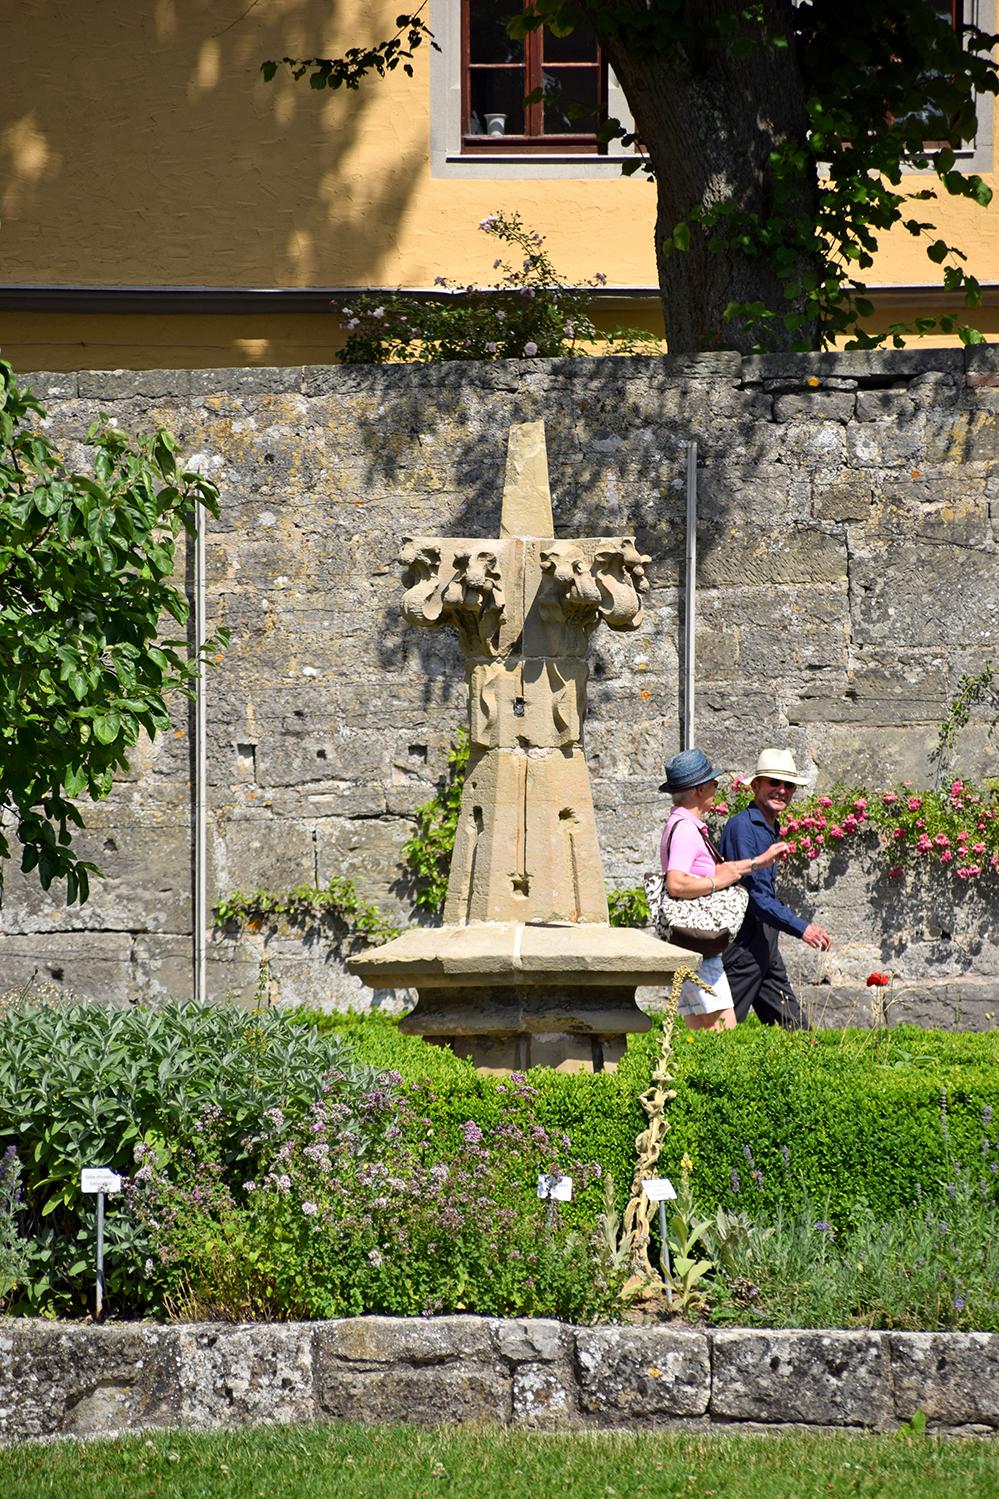 Klostergarten des RothenburgMuseums. Foto: am